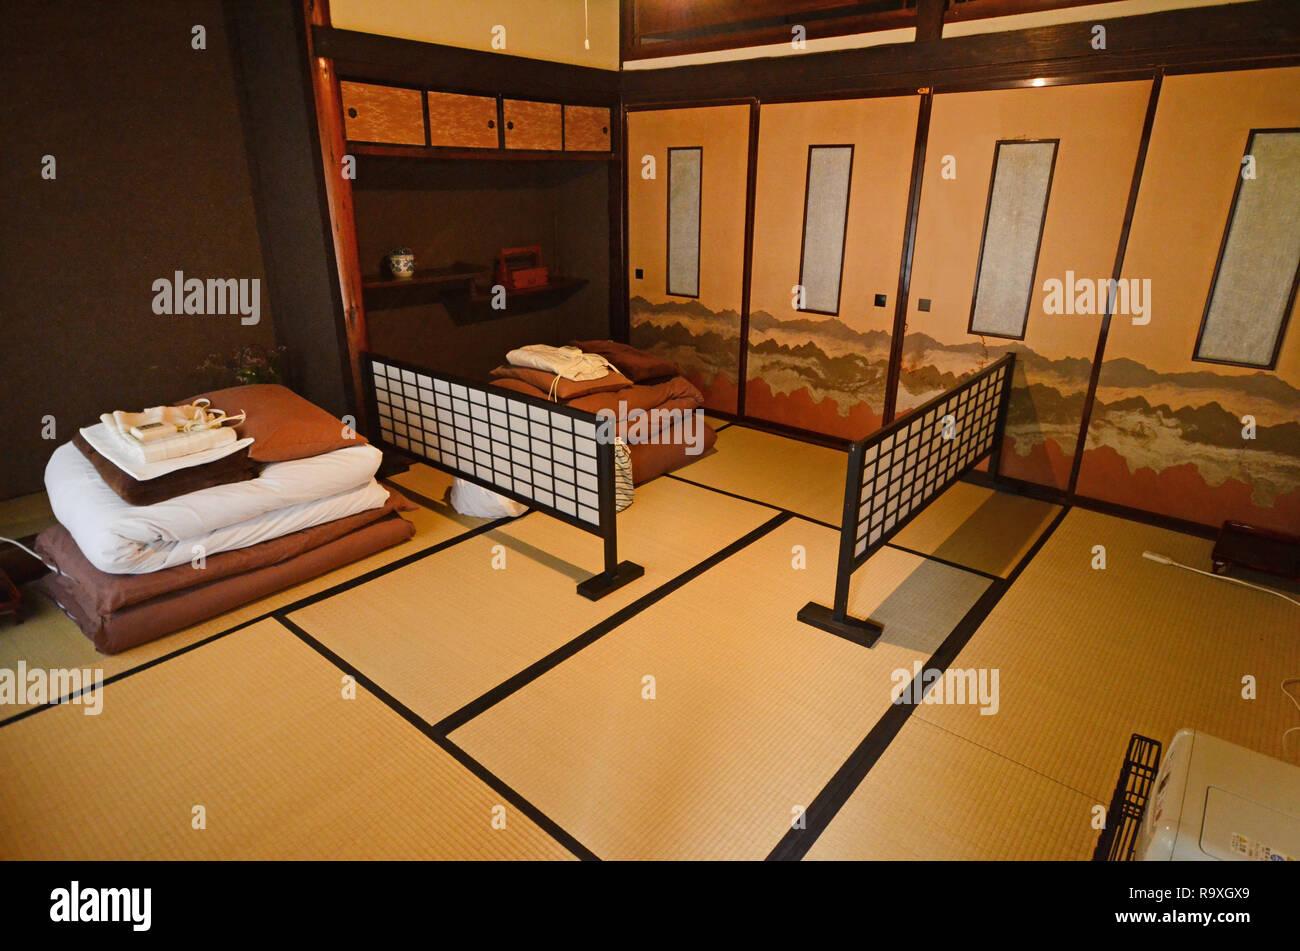 Traditionelle Japanische Schlafzimmer Mit Tatami Matten